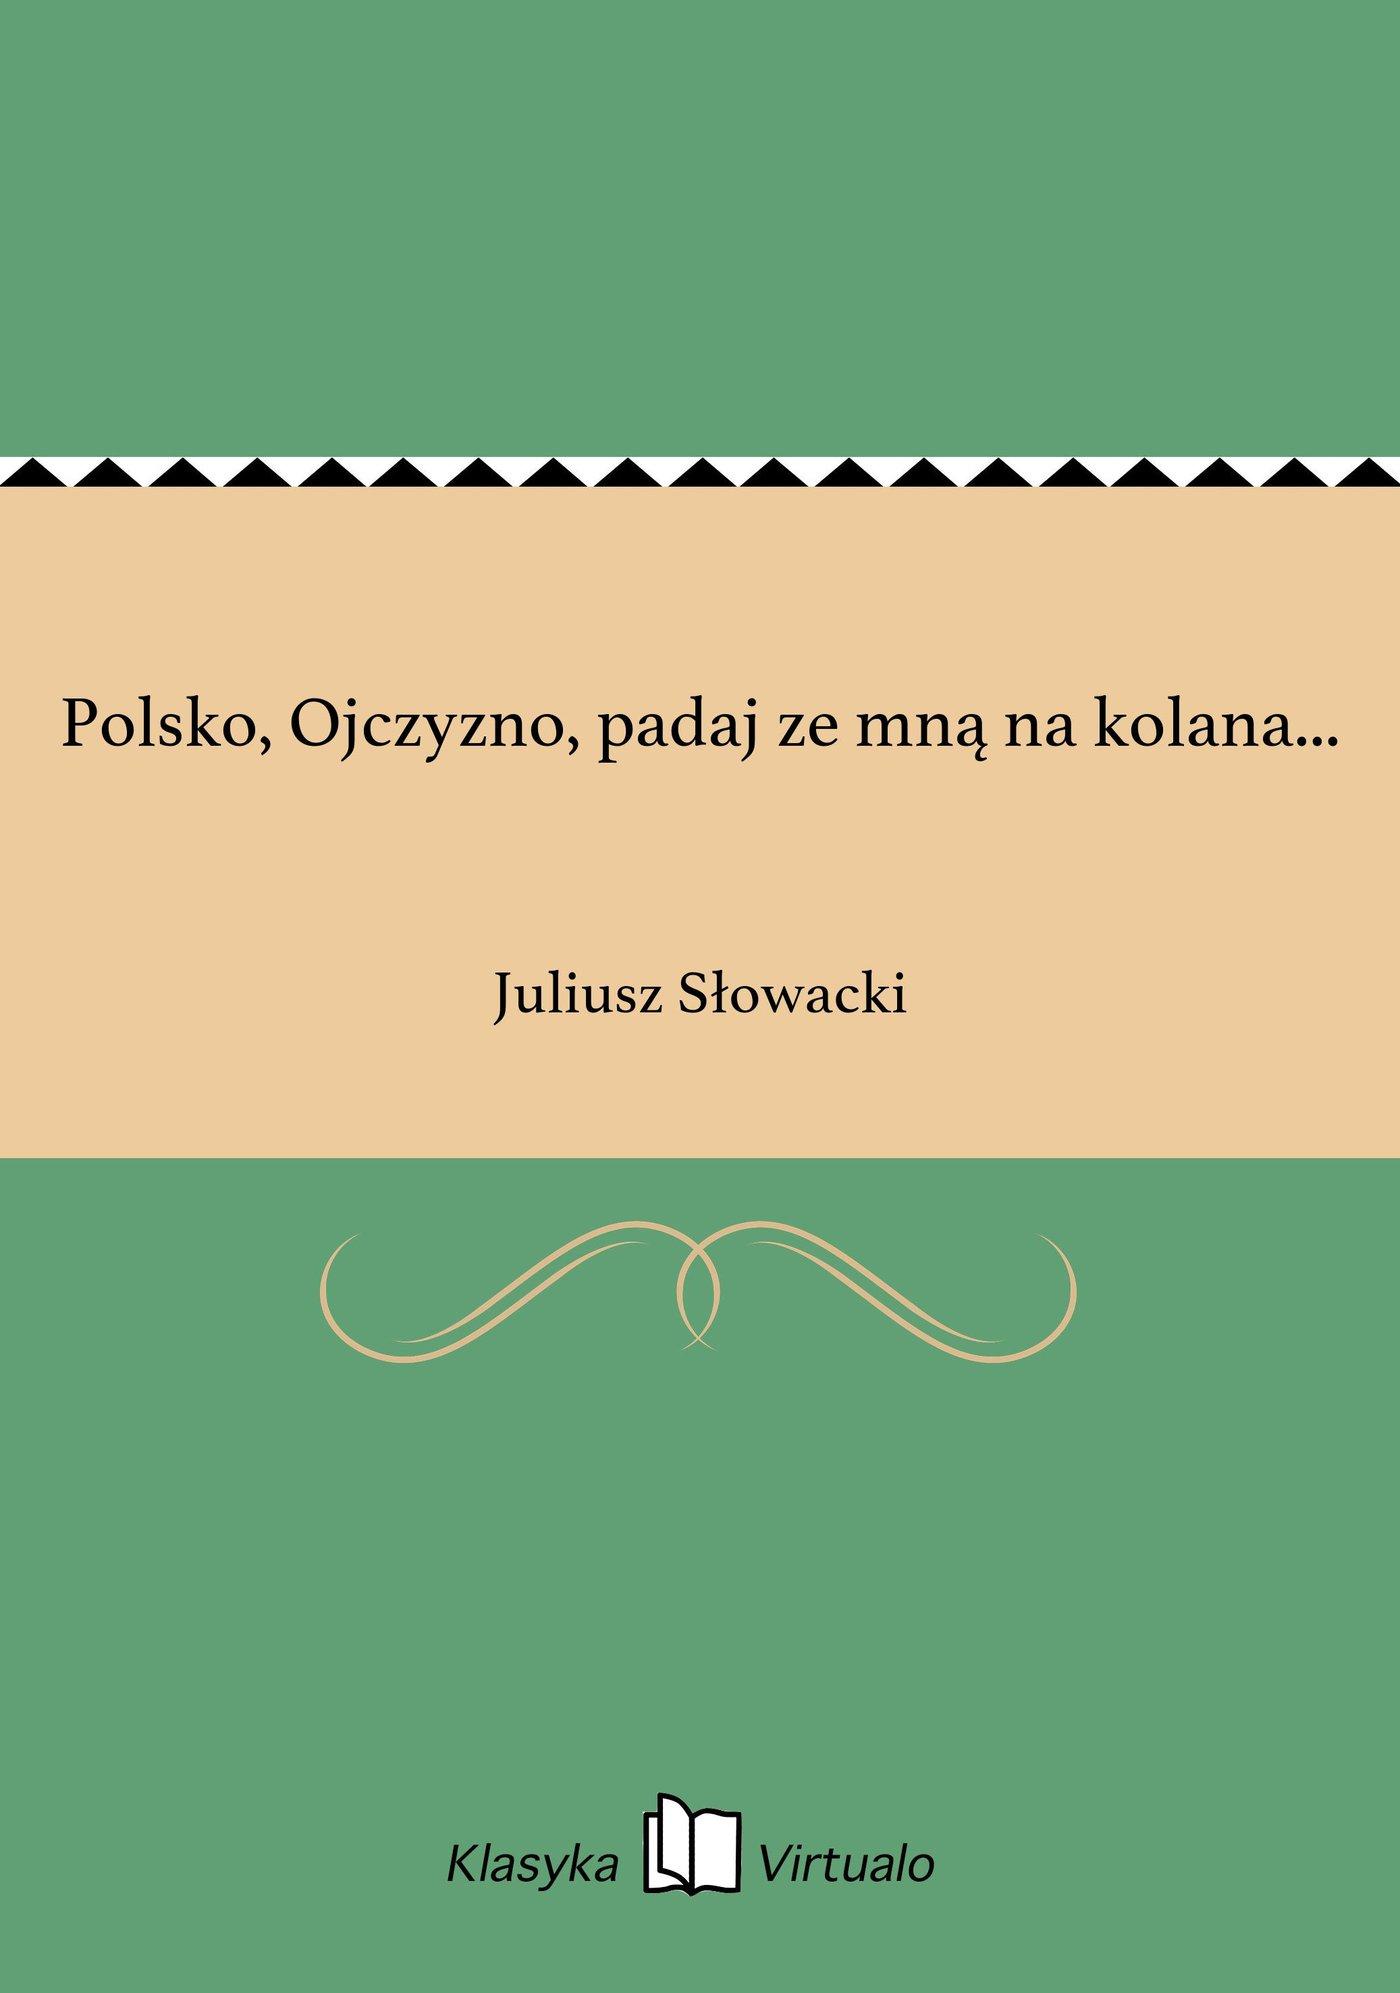 Polsko, Ojczyzno, padaj ze mną na kolana... - Ebook (Książka na Kindle) do pobrania w formacie MOBI